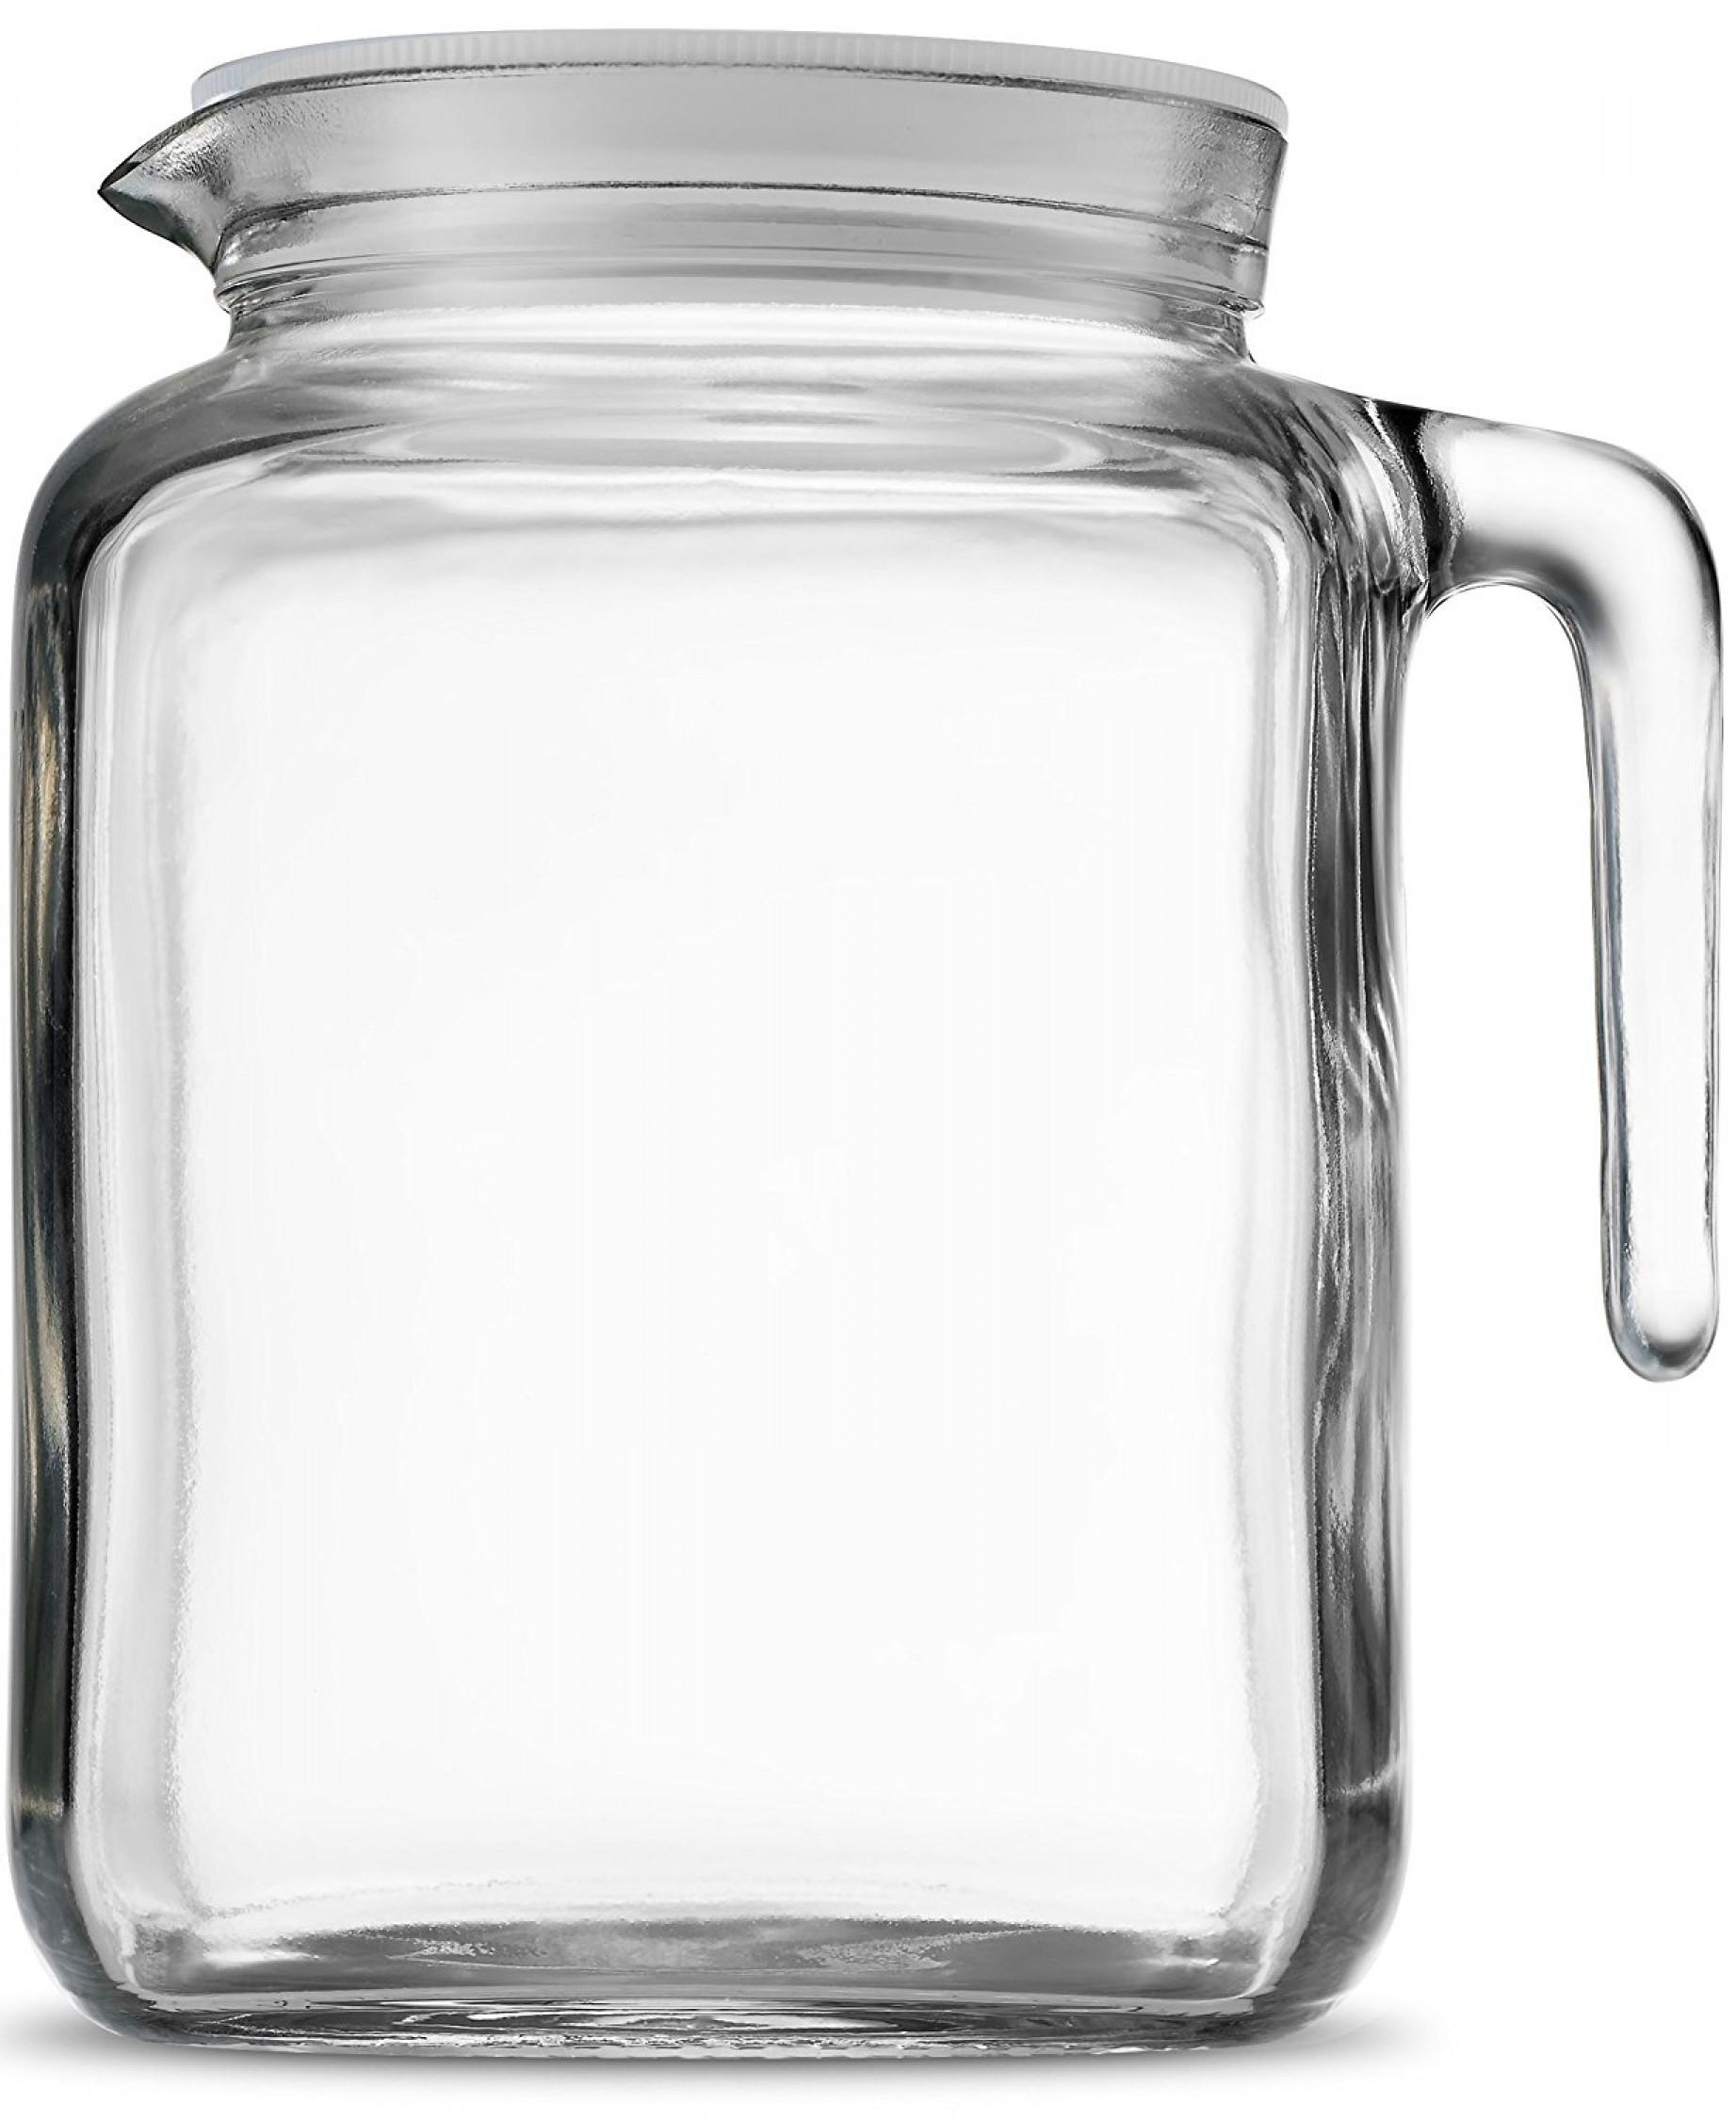 Image Is Loading Square Gl Pitcher Bottle Lid Spout Milk Beverage